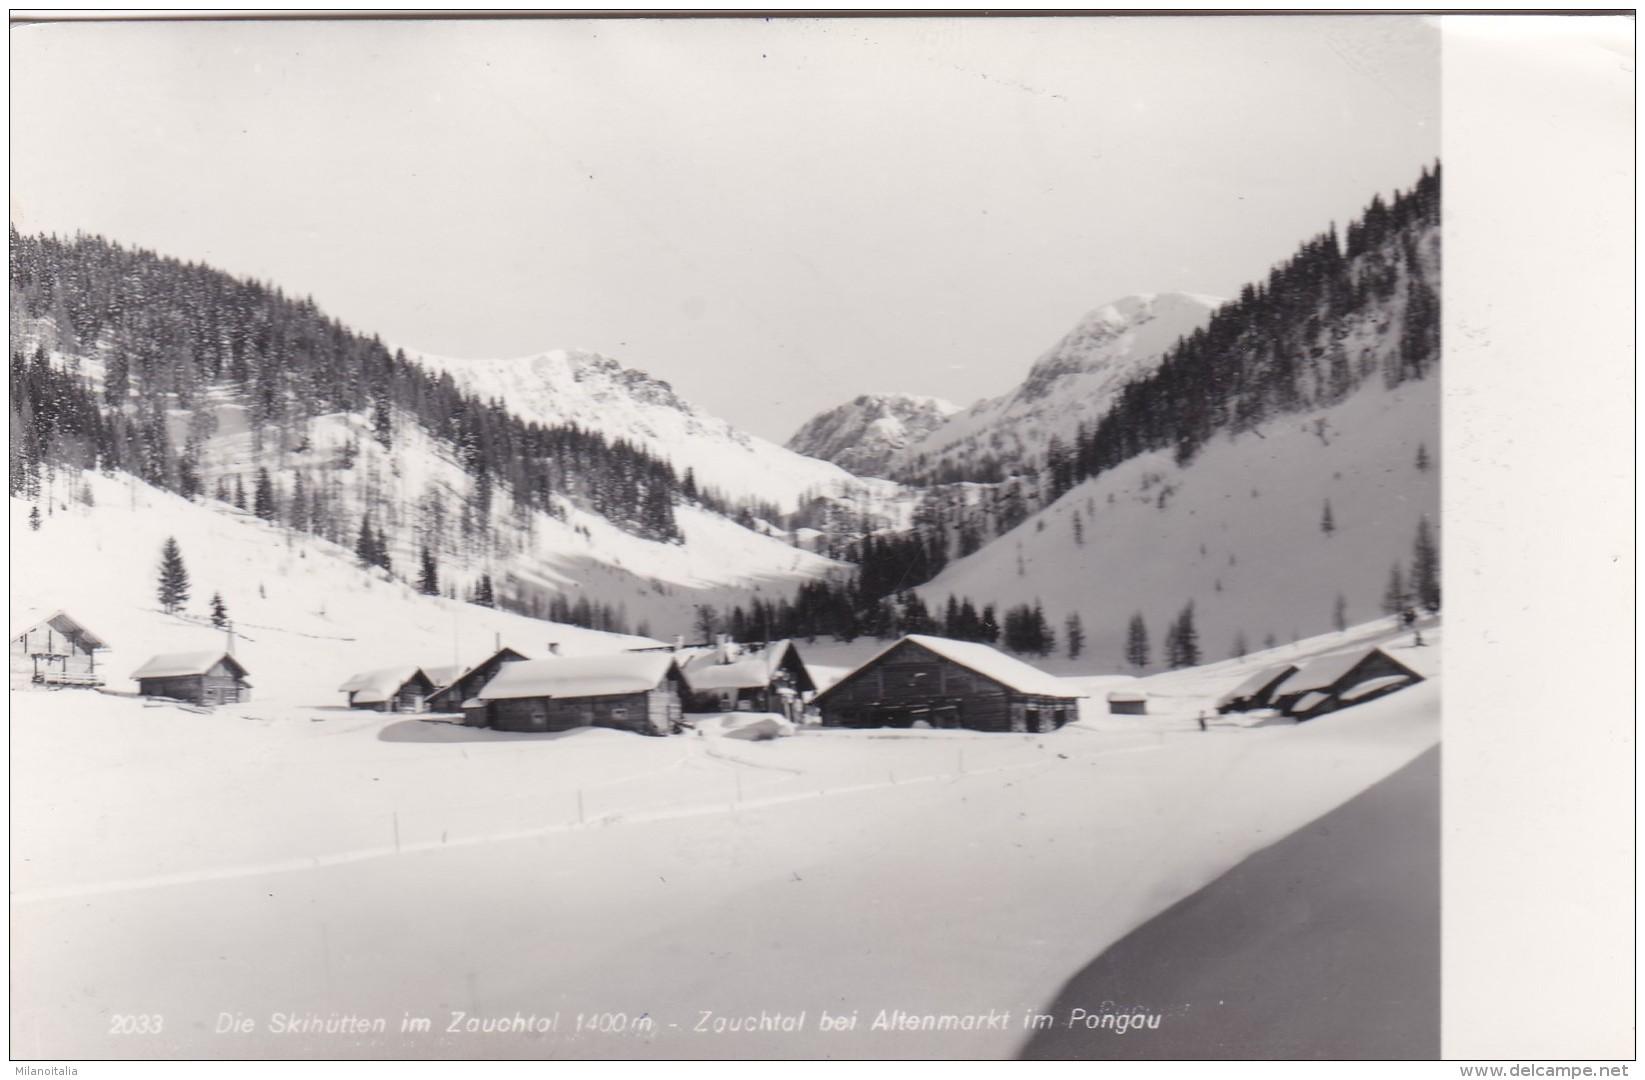 Die Skihütten Im Zauchtal - Zauchtal Bei Altenmarkt Im Pongau (2033) - Altenmarkt Im Pongau